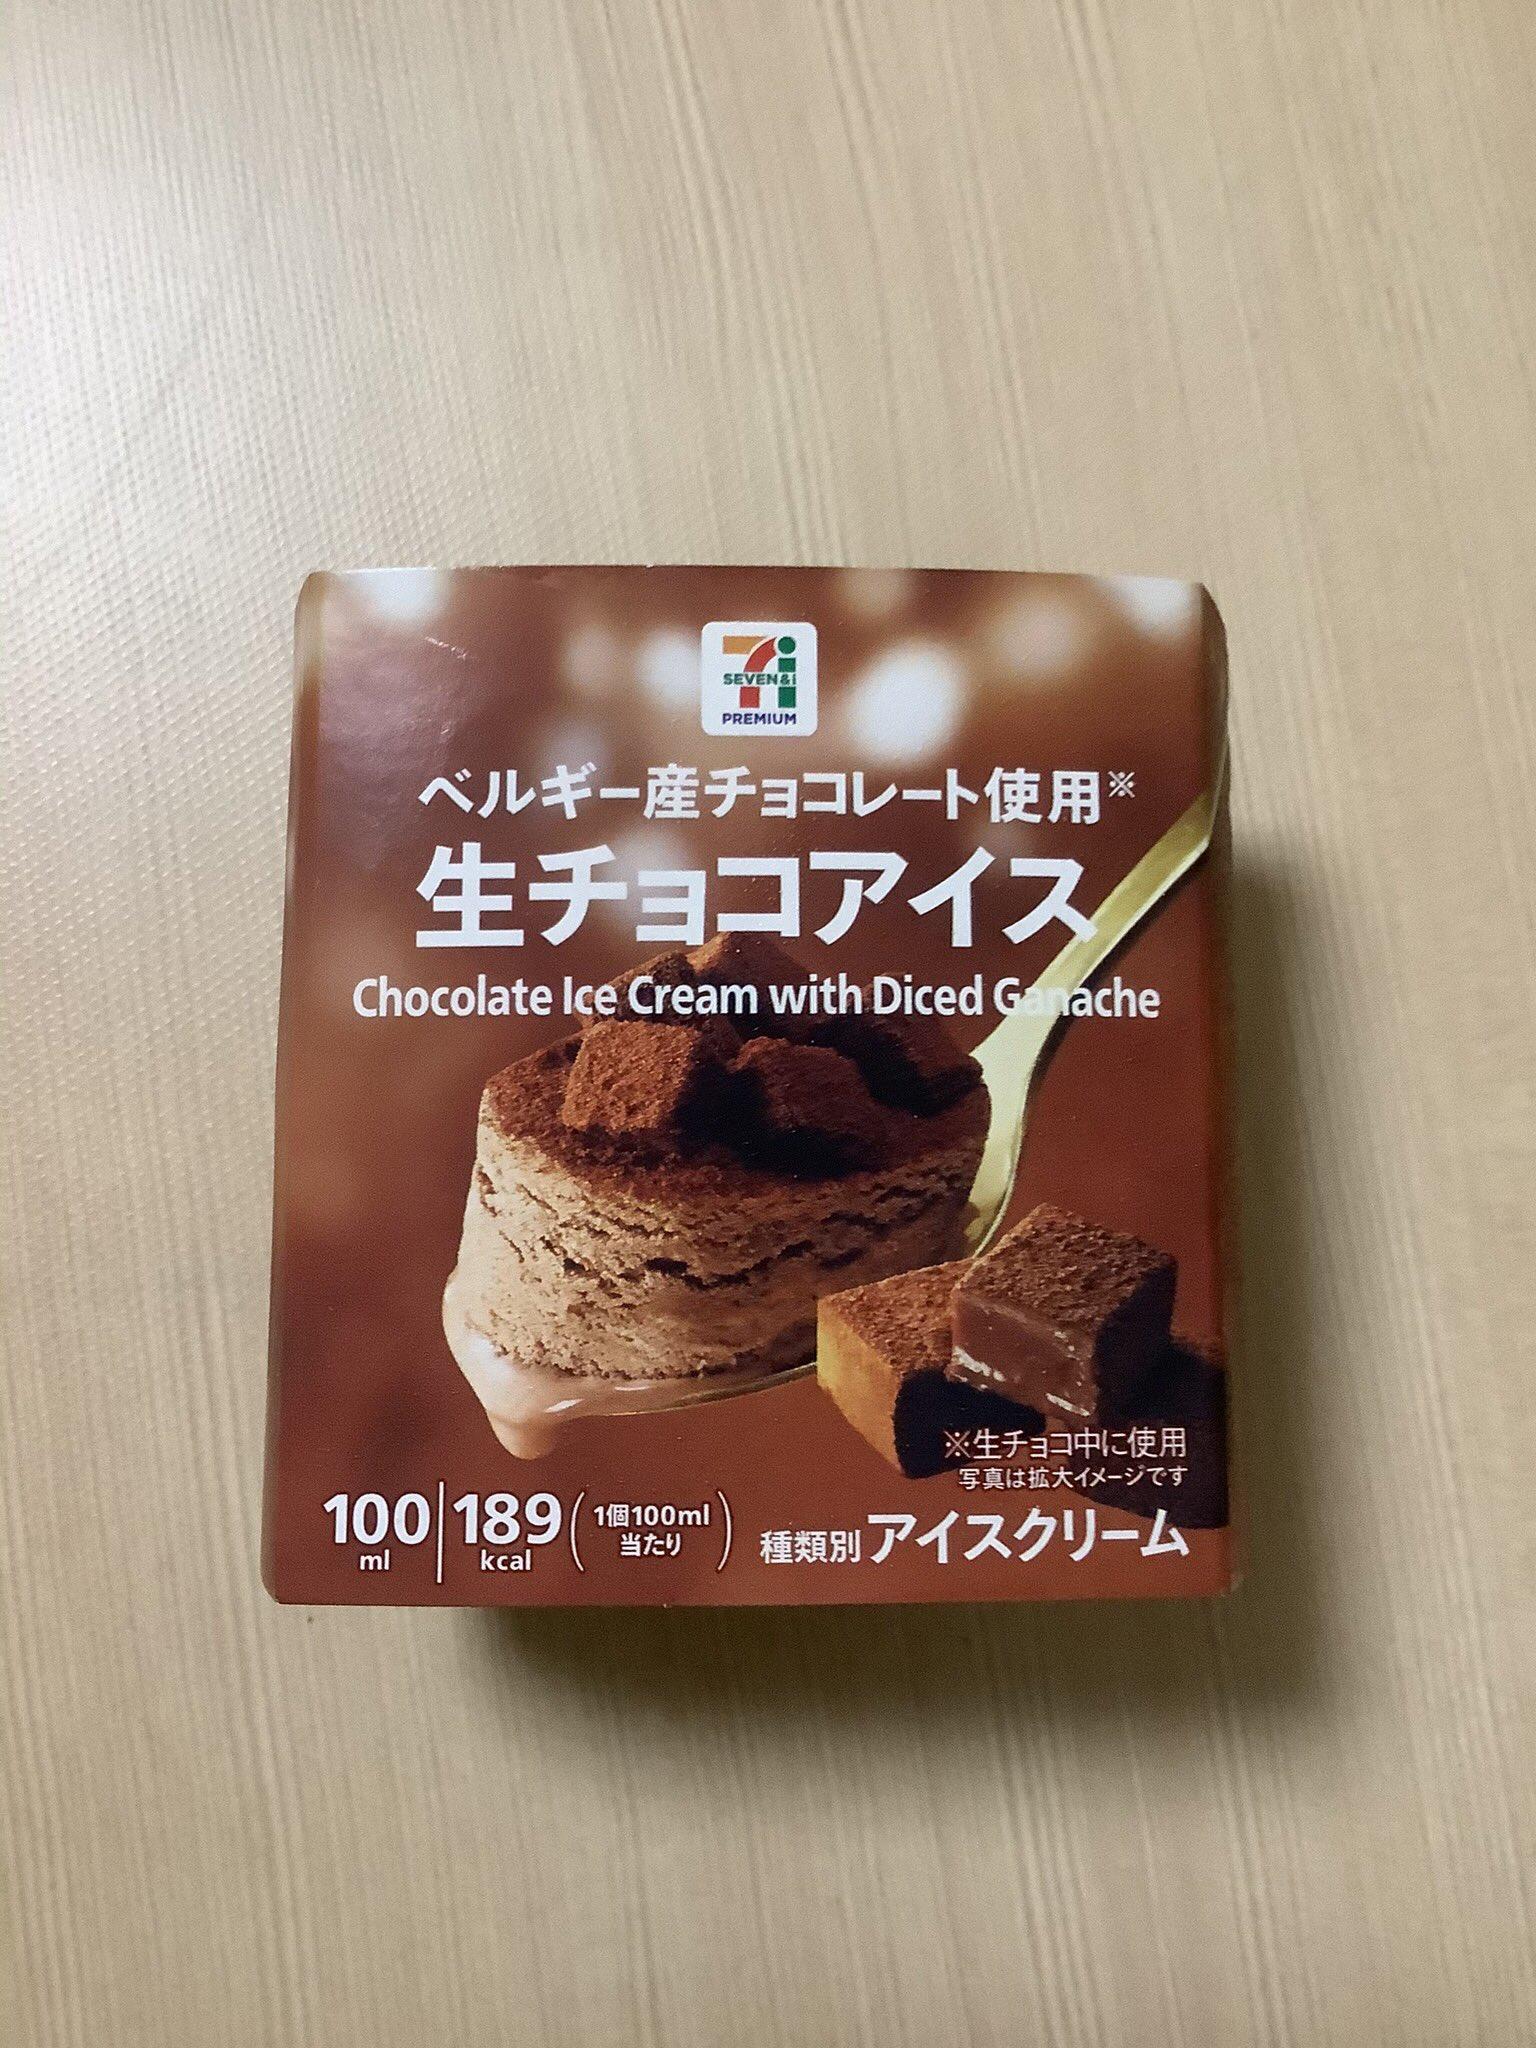 【超朗報】セブンイレブンの新作アイス「生チョコアイス」うまそすぎワロタwww